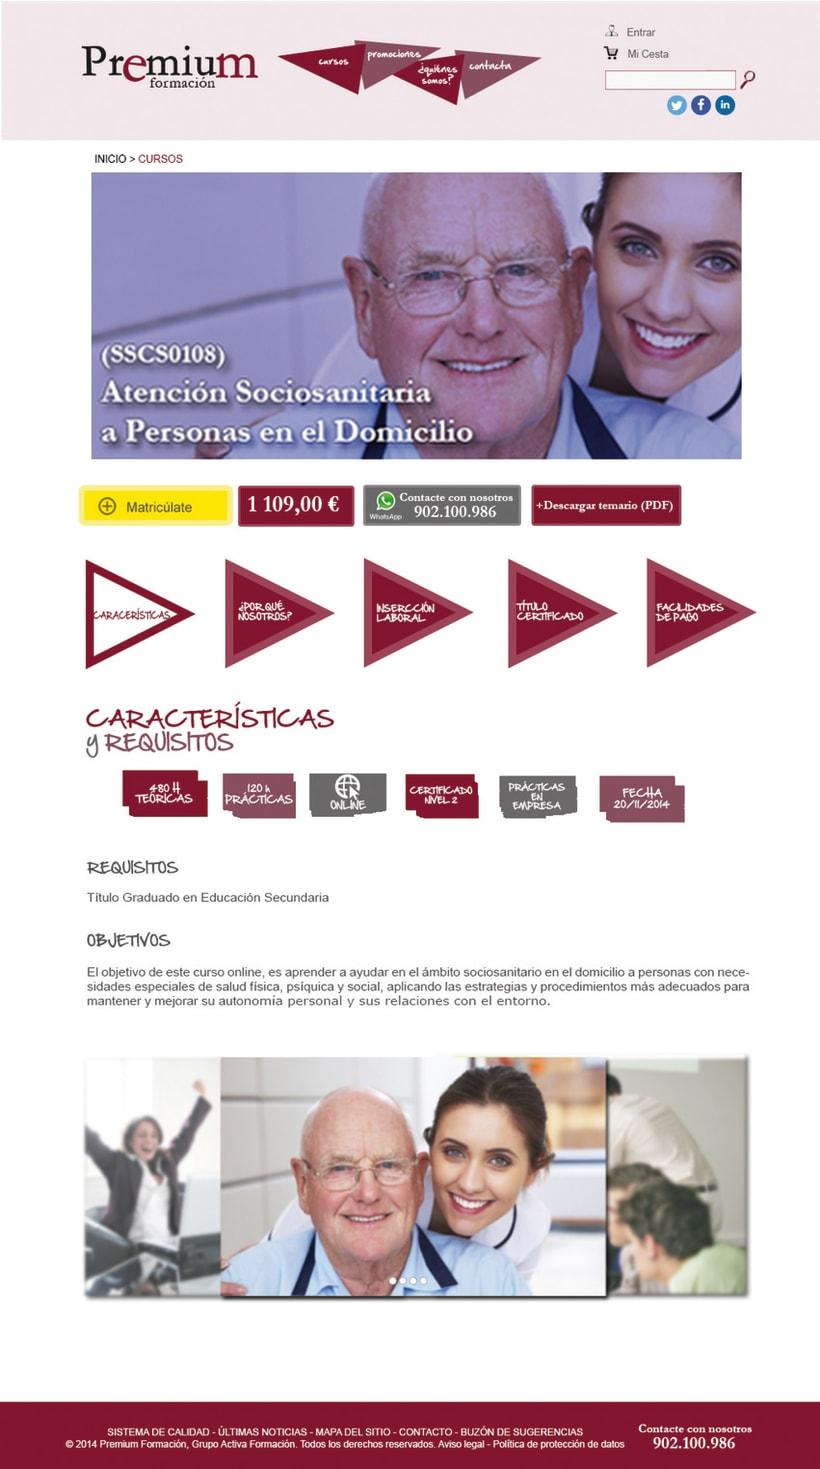 Diseño Web - Premium Formación 1